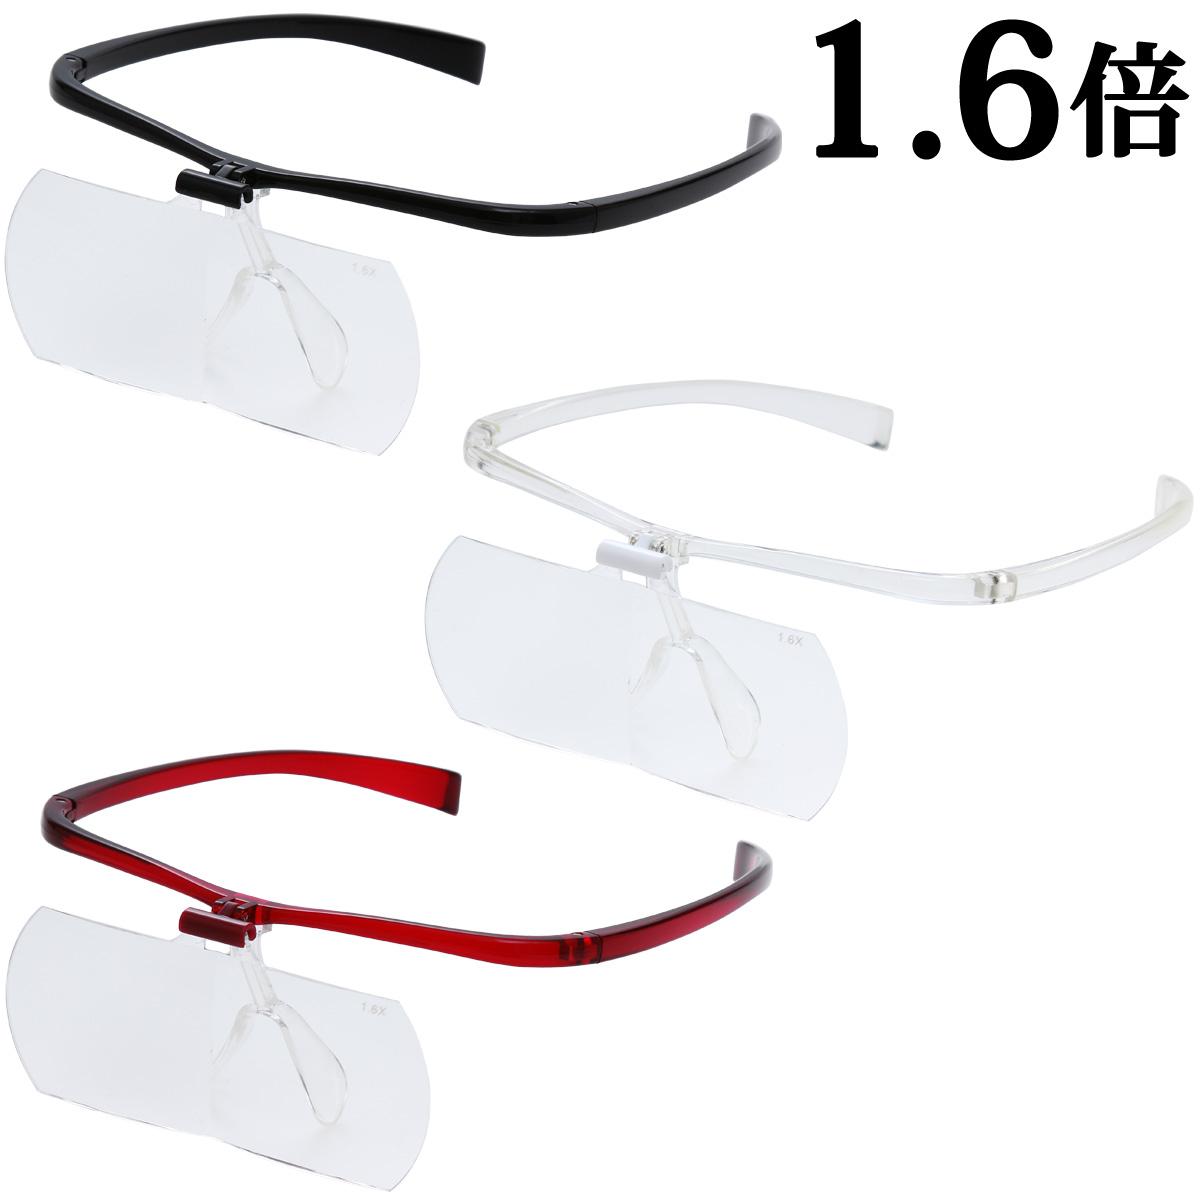 双眼メガネルーペ メガネタイプ 1.6倍 HF-60D 跳ね上げ メガネの上から クリアルーペ 手芸 読書 模型 拡大鏡 まつげエクステ 池田レンズ